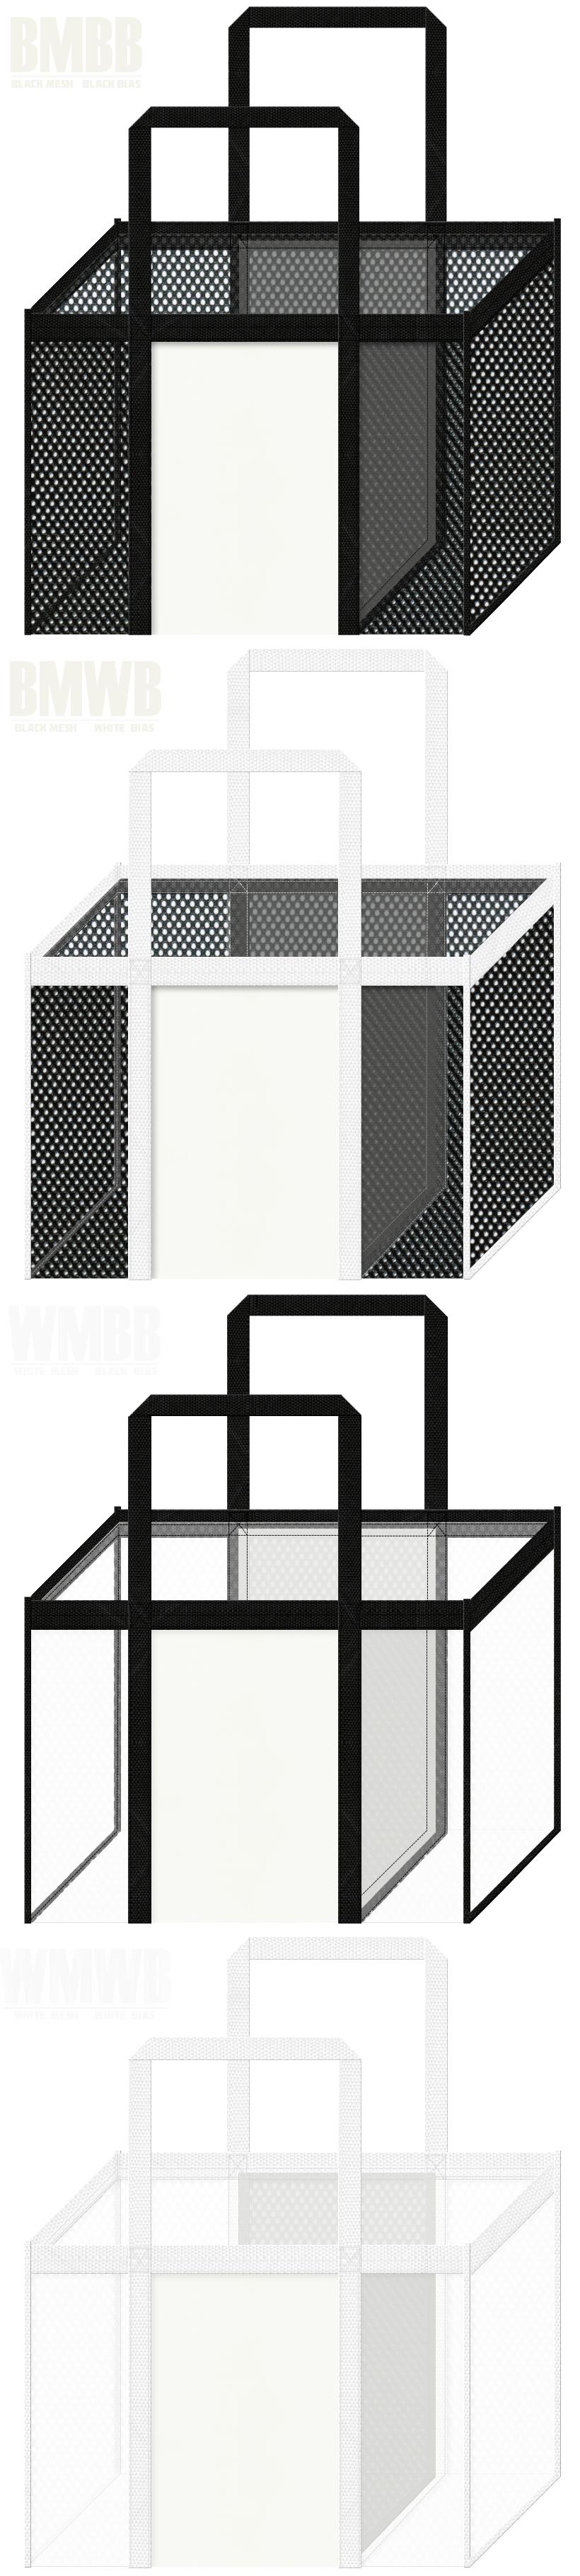 角型メッシュバッグのカラーシミュレーション:黒色・白色メッシュとオフホワイト色不織布の組み合わせ